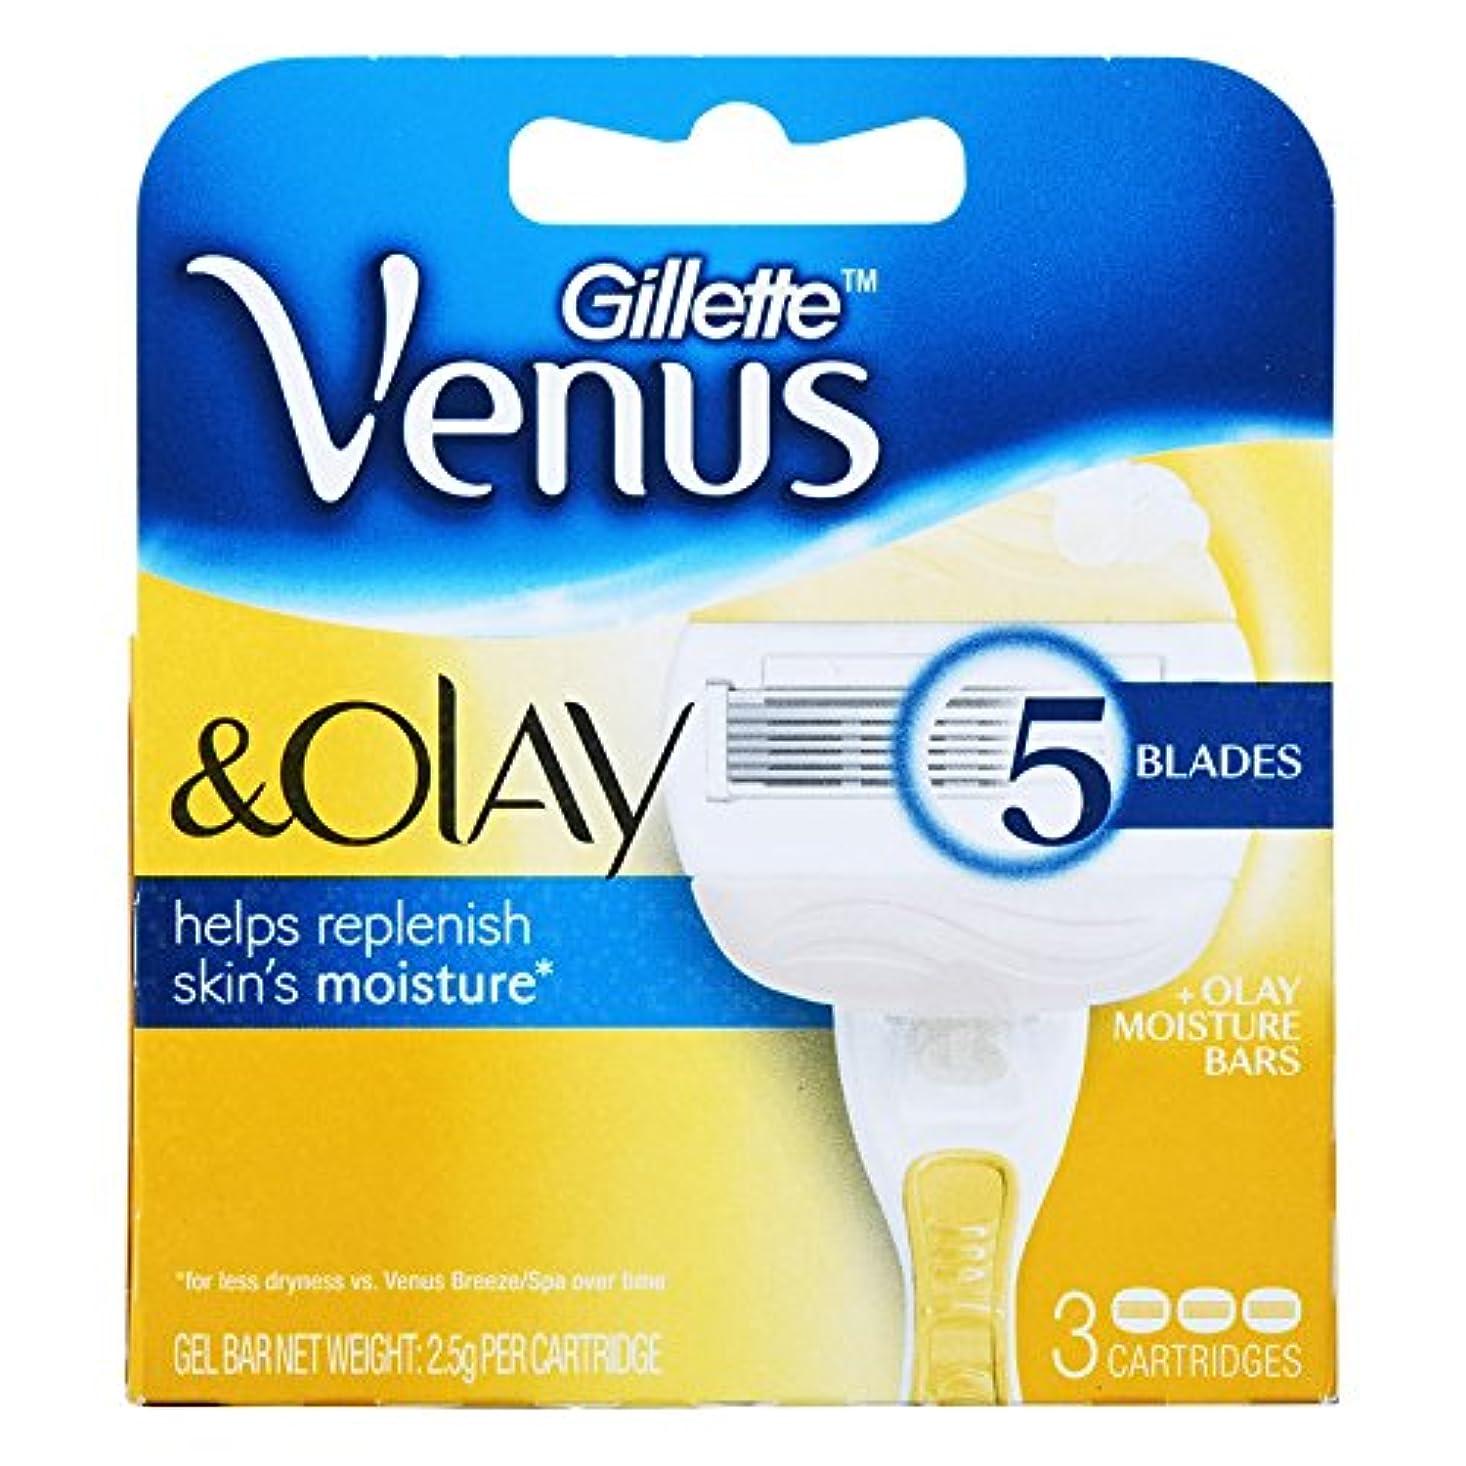 接続された破壊的八百屋Gillette Venus Olay Razor Blades カートリッジブレード 3 Pcs [並行輸入品]